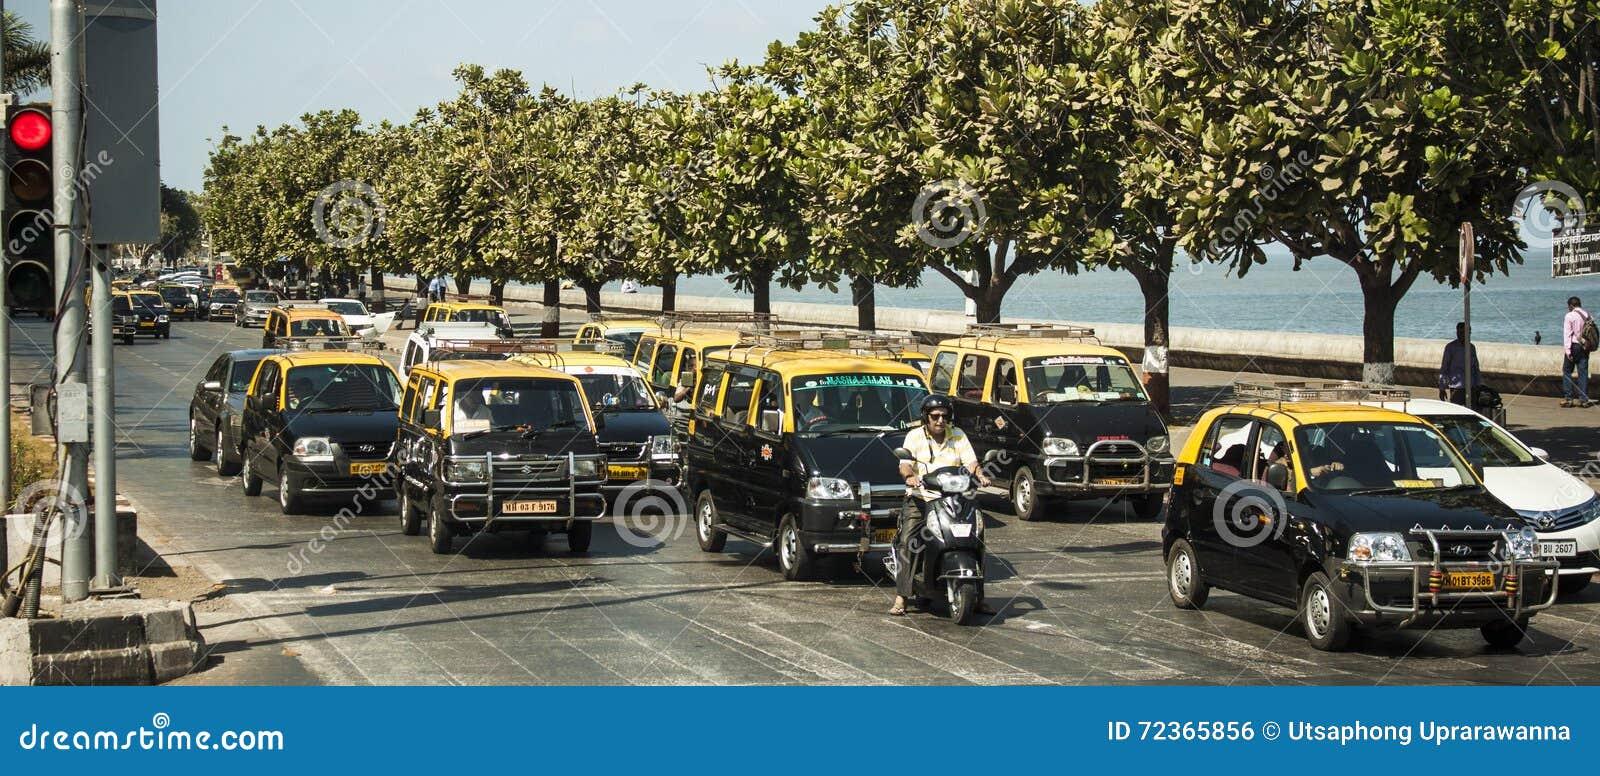 出租汽车,孟买,印度